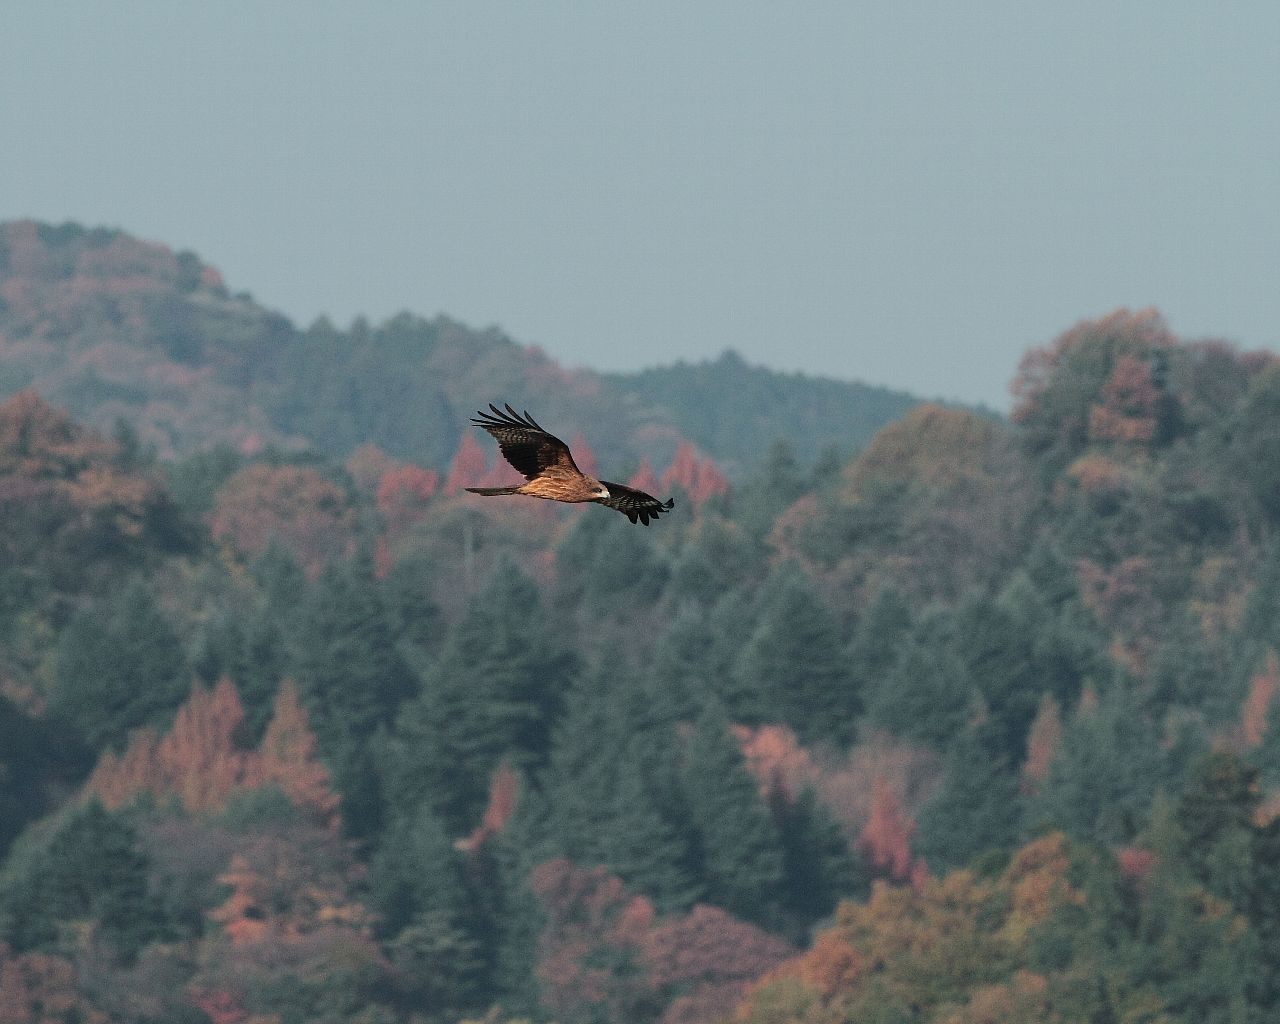 紅葉の相模川を飛ぶトビ_f0105570_2242884.jpg